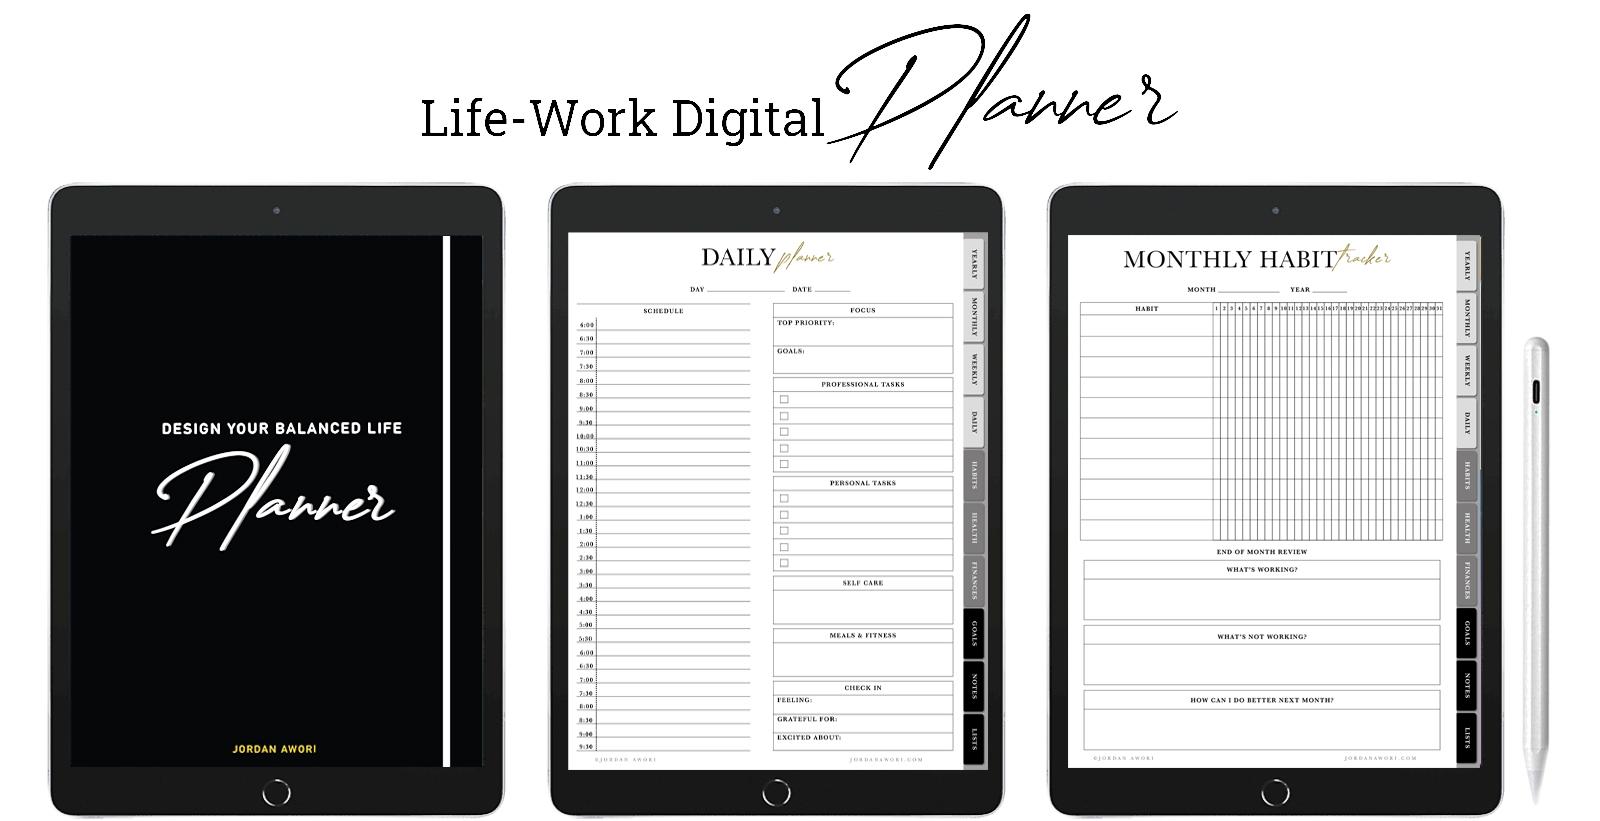 life work digital planner Jordan awori